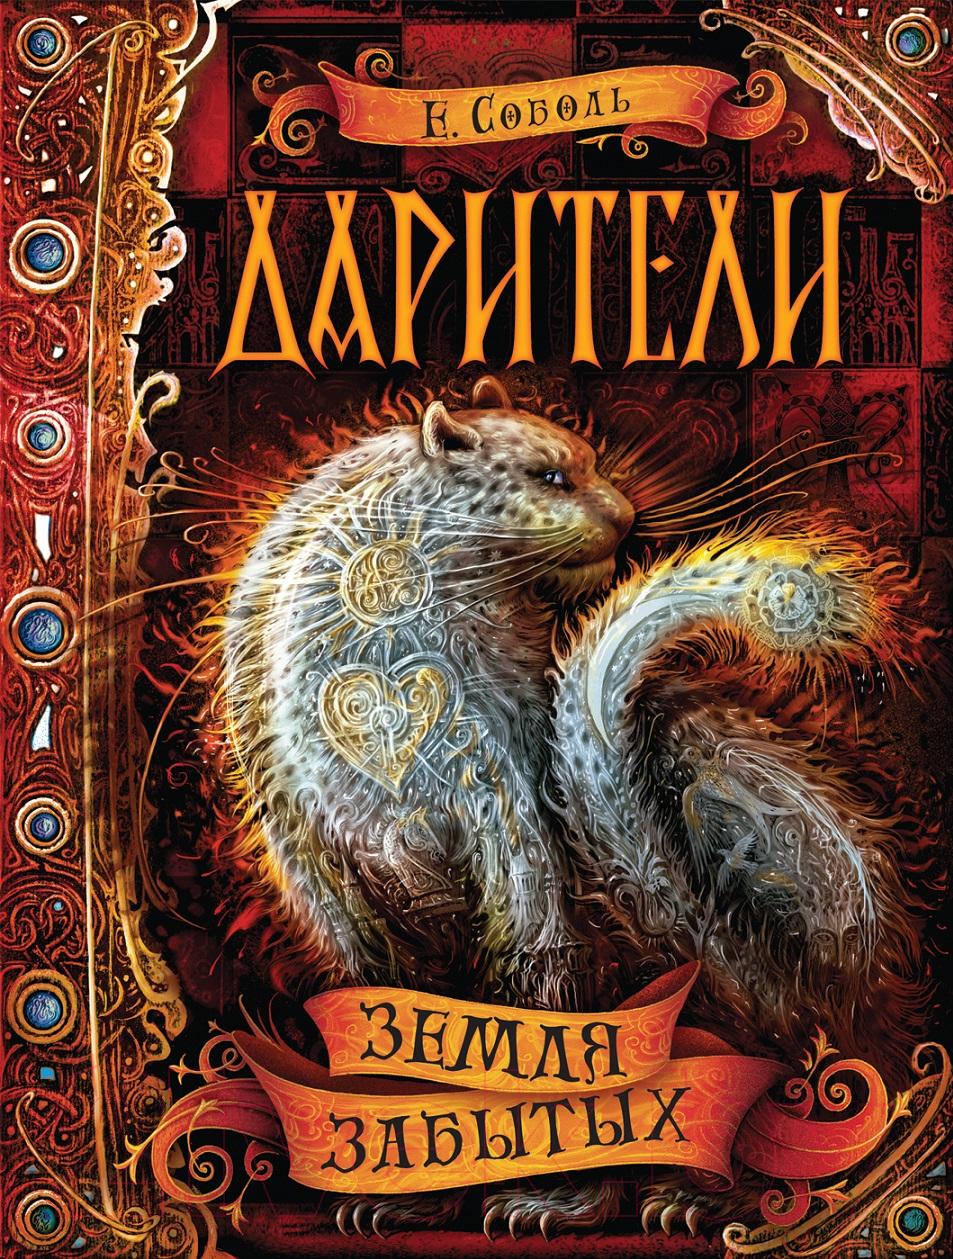 Купить Книга Росмэн, Земля забытых (Соболь Е.), Россия